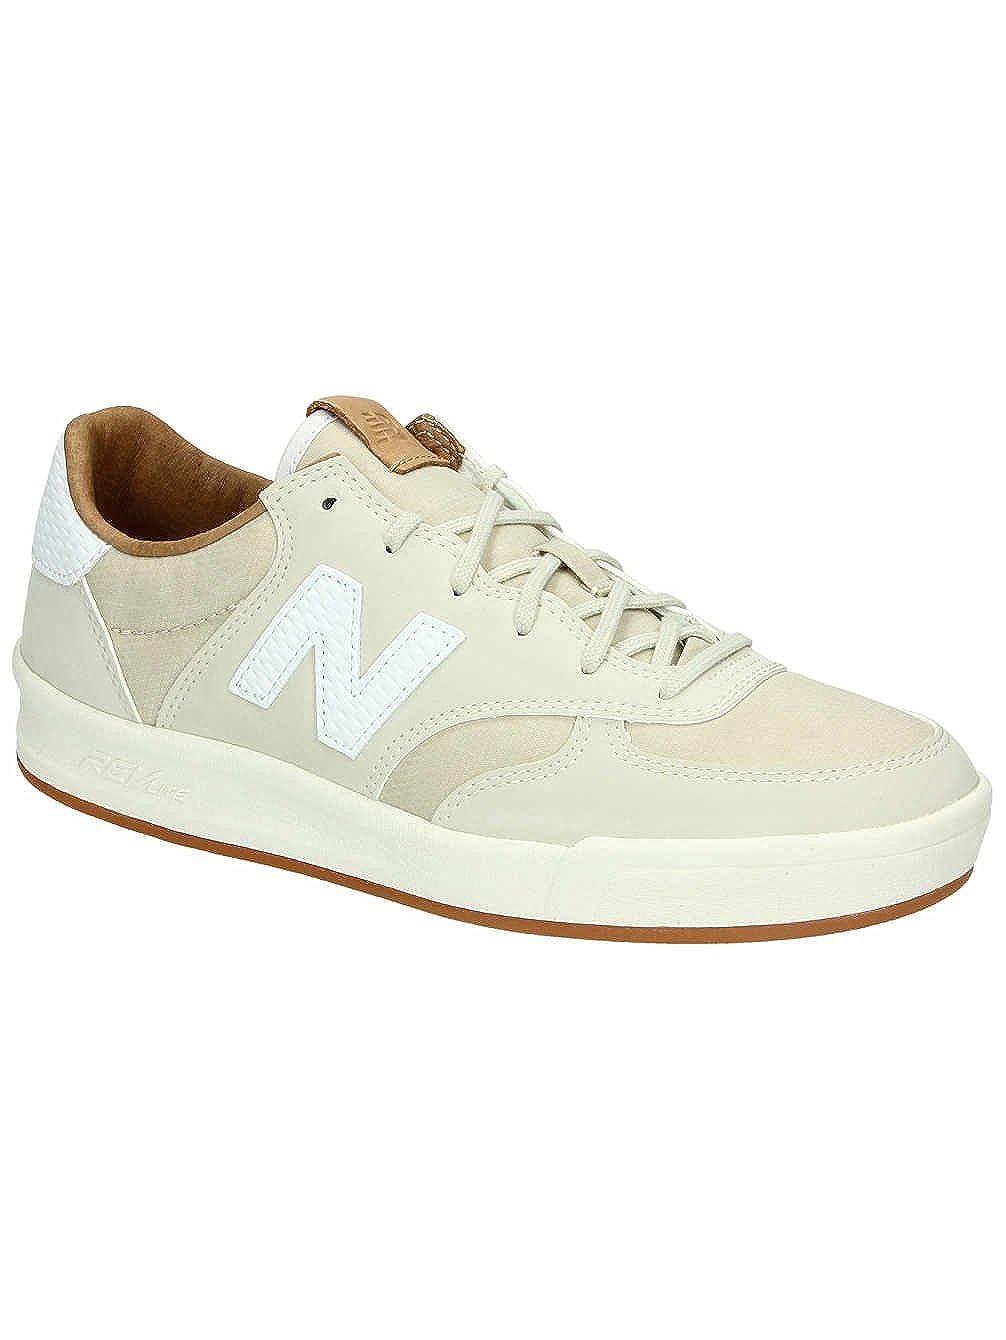 prezzo ragionevole New Donna scarpe da ginnastica 300 Khaki